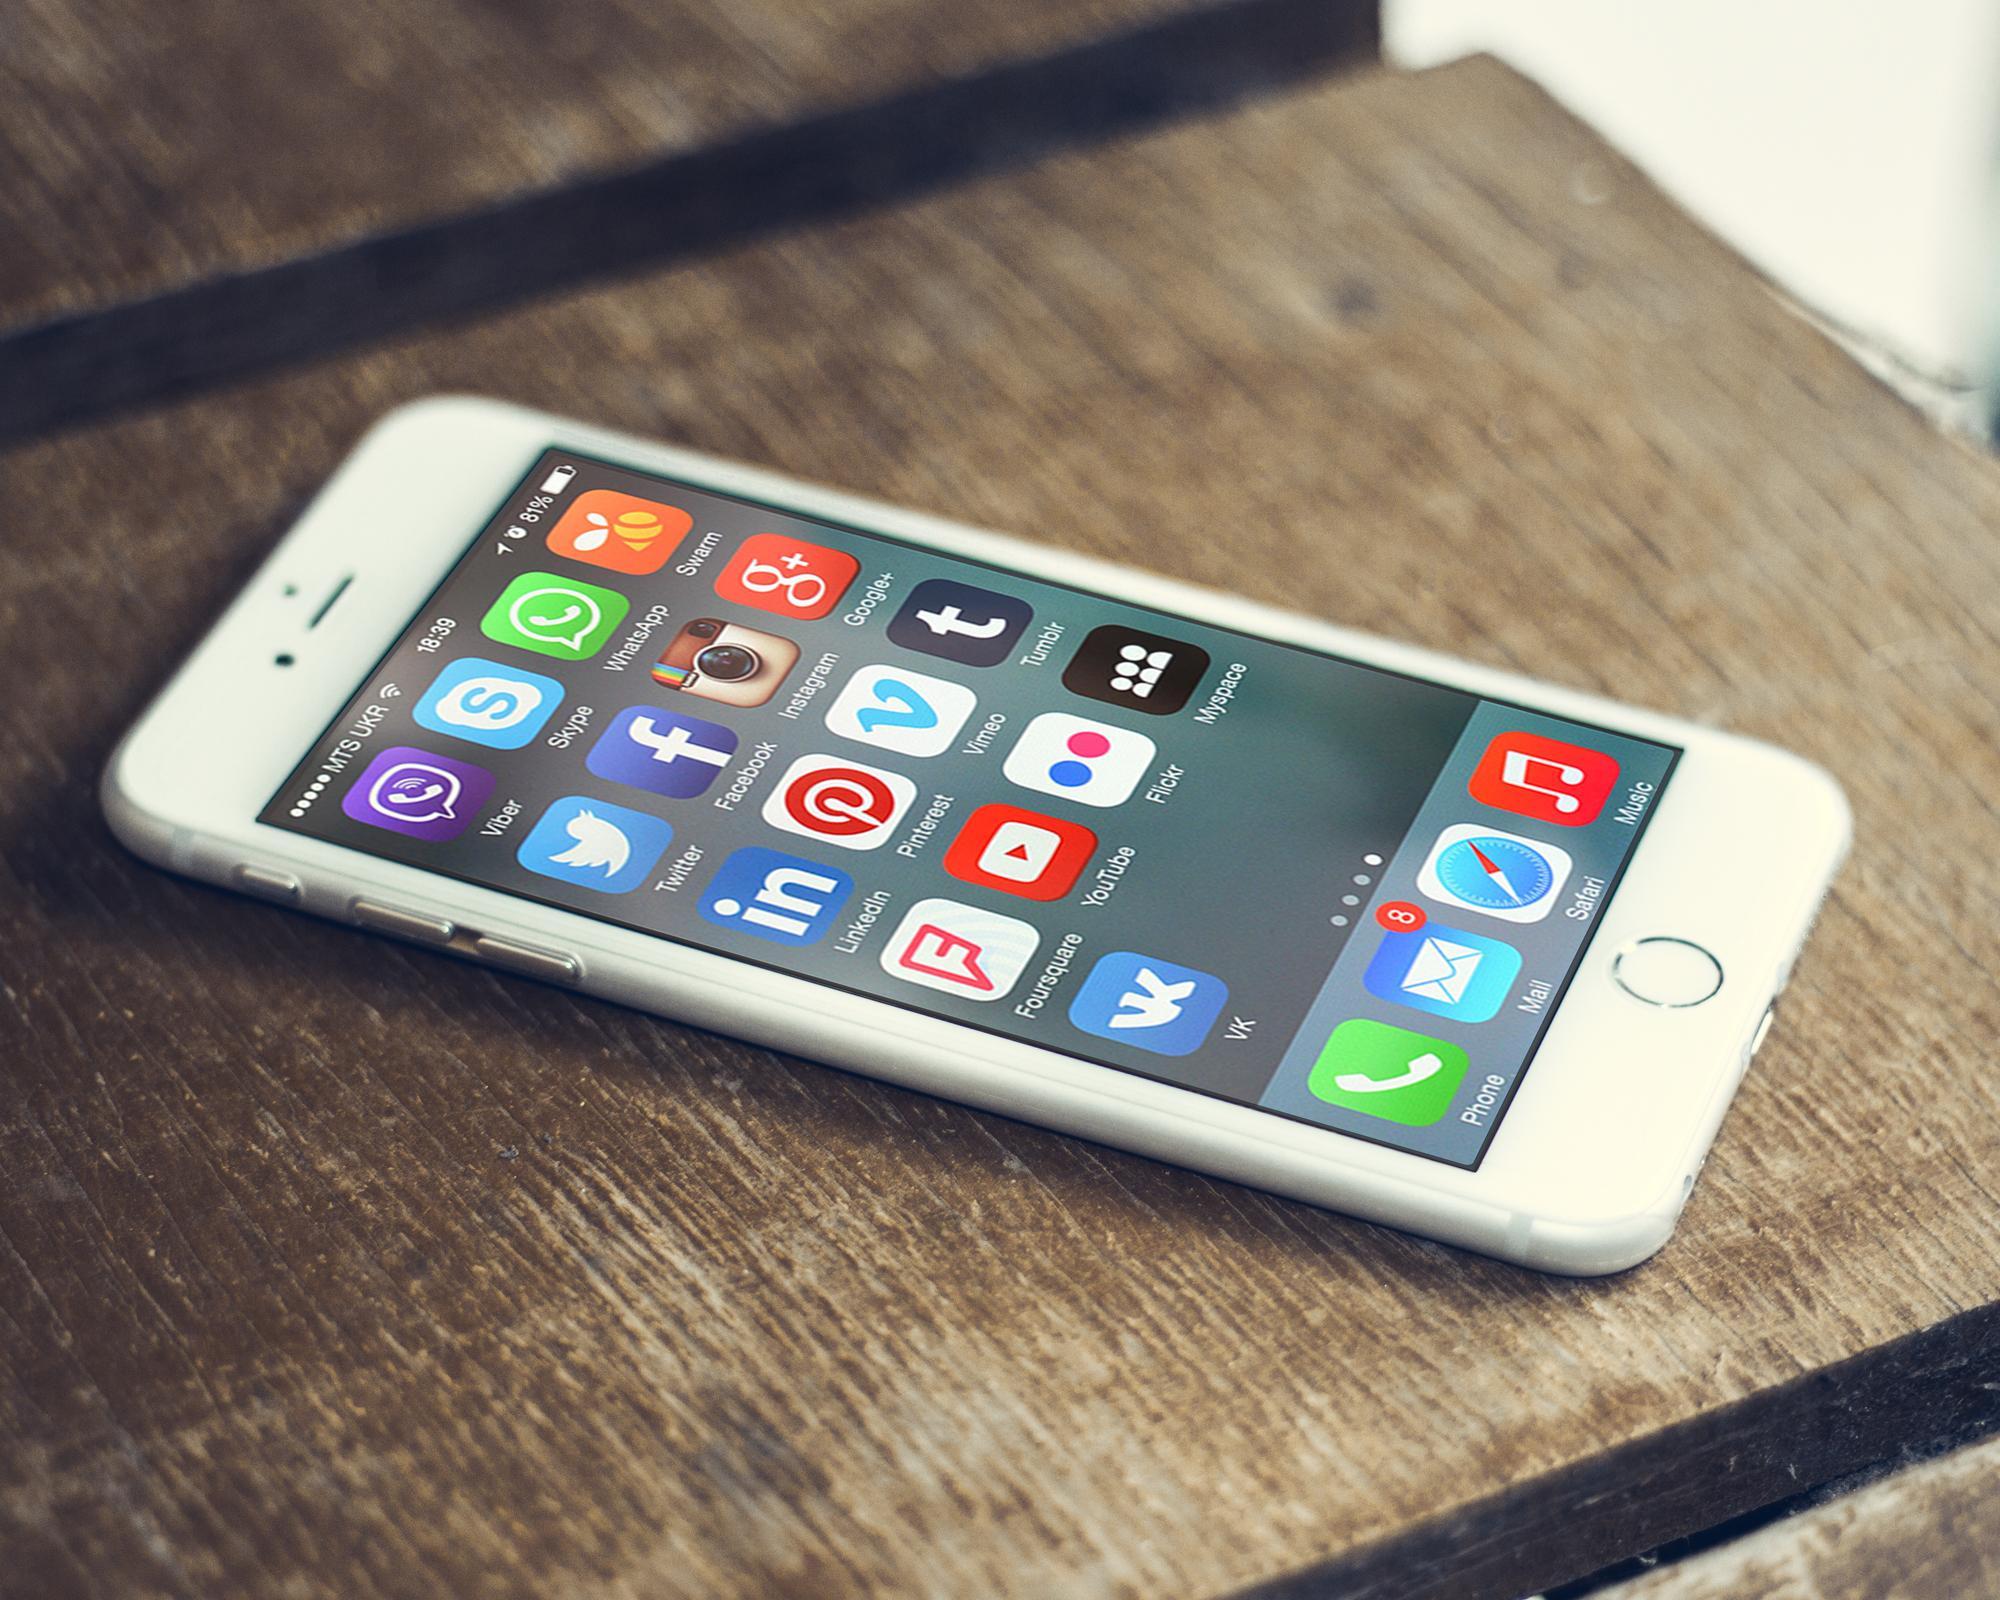 Dagens smarttelefoner blir mer og mer komplekse og koster derfor mer energi å produsere. Foto: vpnsrus.com